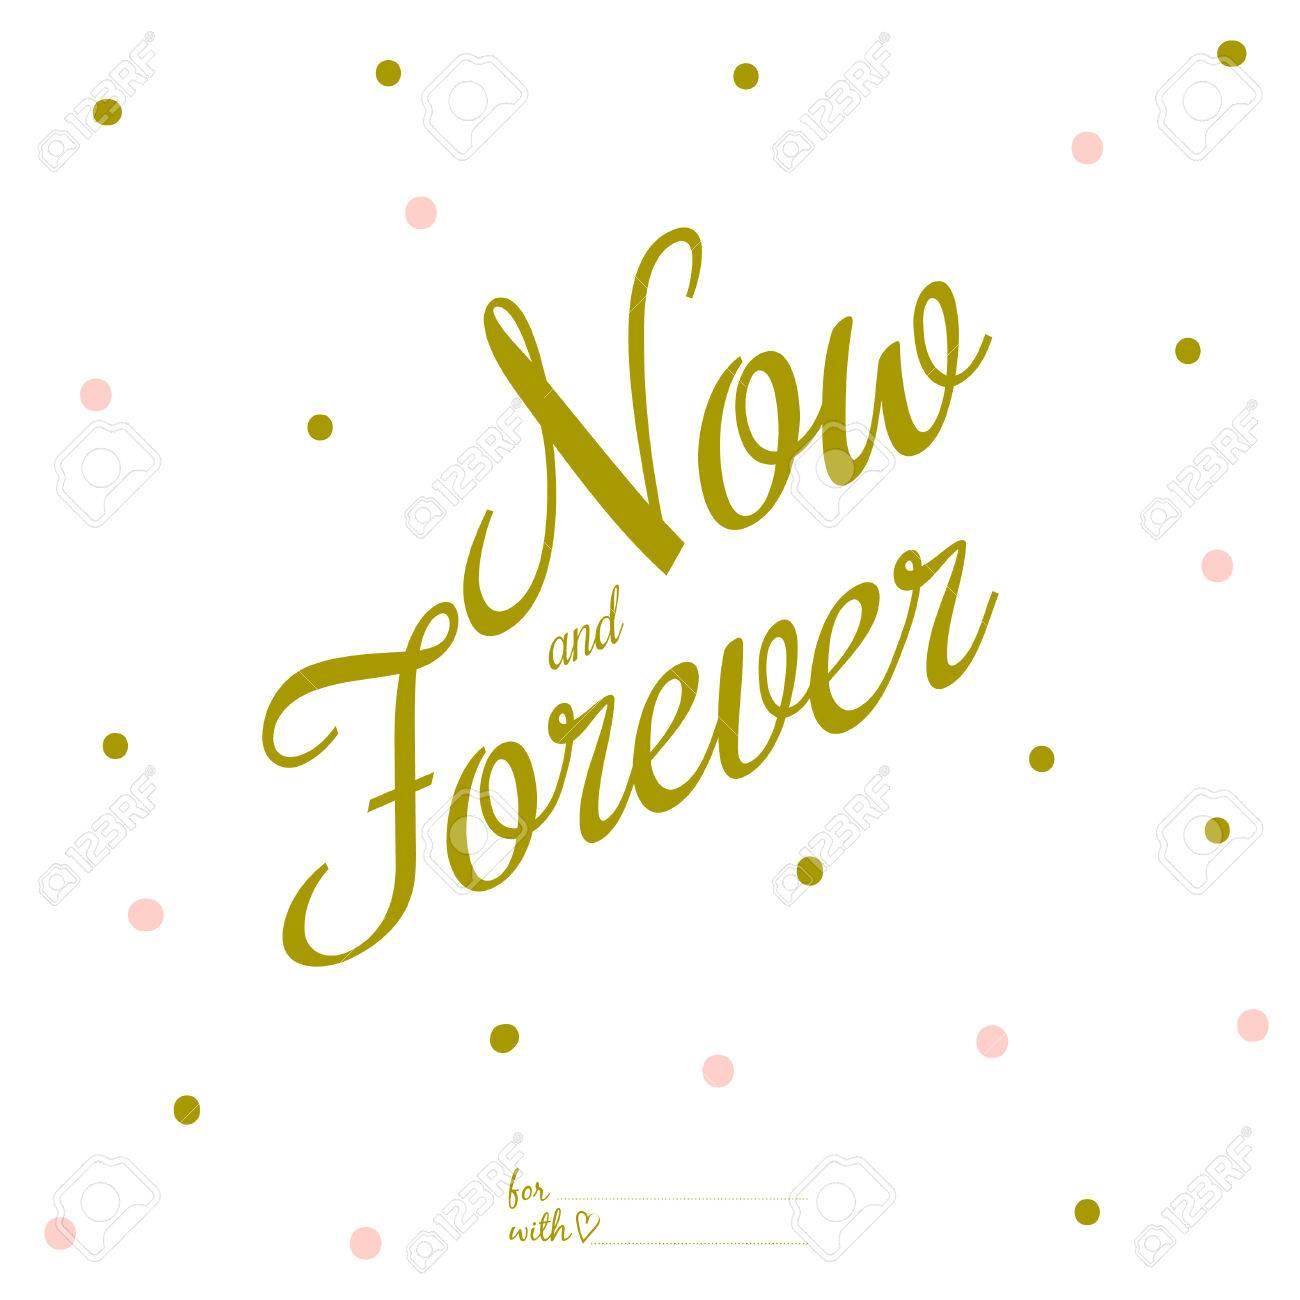 Inspiré Carte Citations Romantiques Et Damour Pour La Saint Valentin Joyeux Modèle Pour Mariage Anniversaire Invitations Salutation Belle